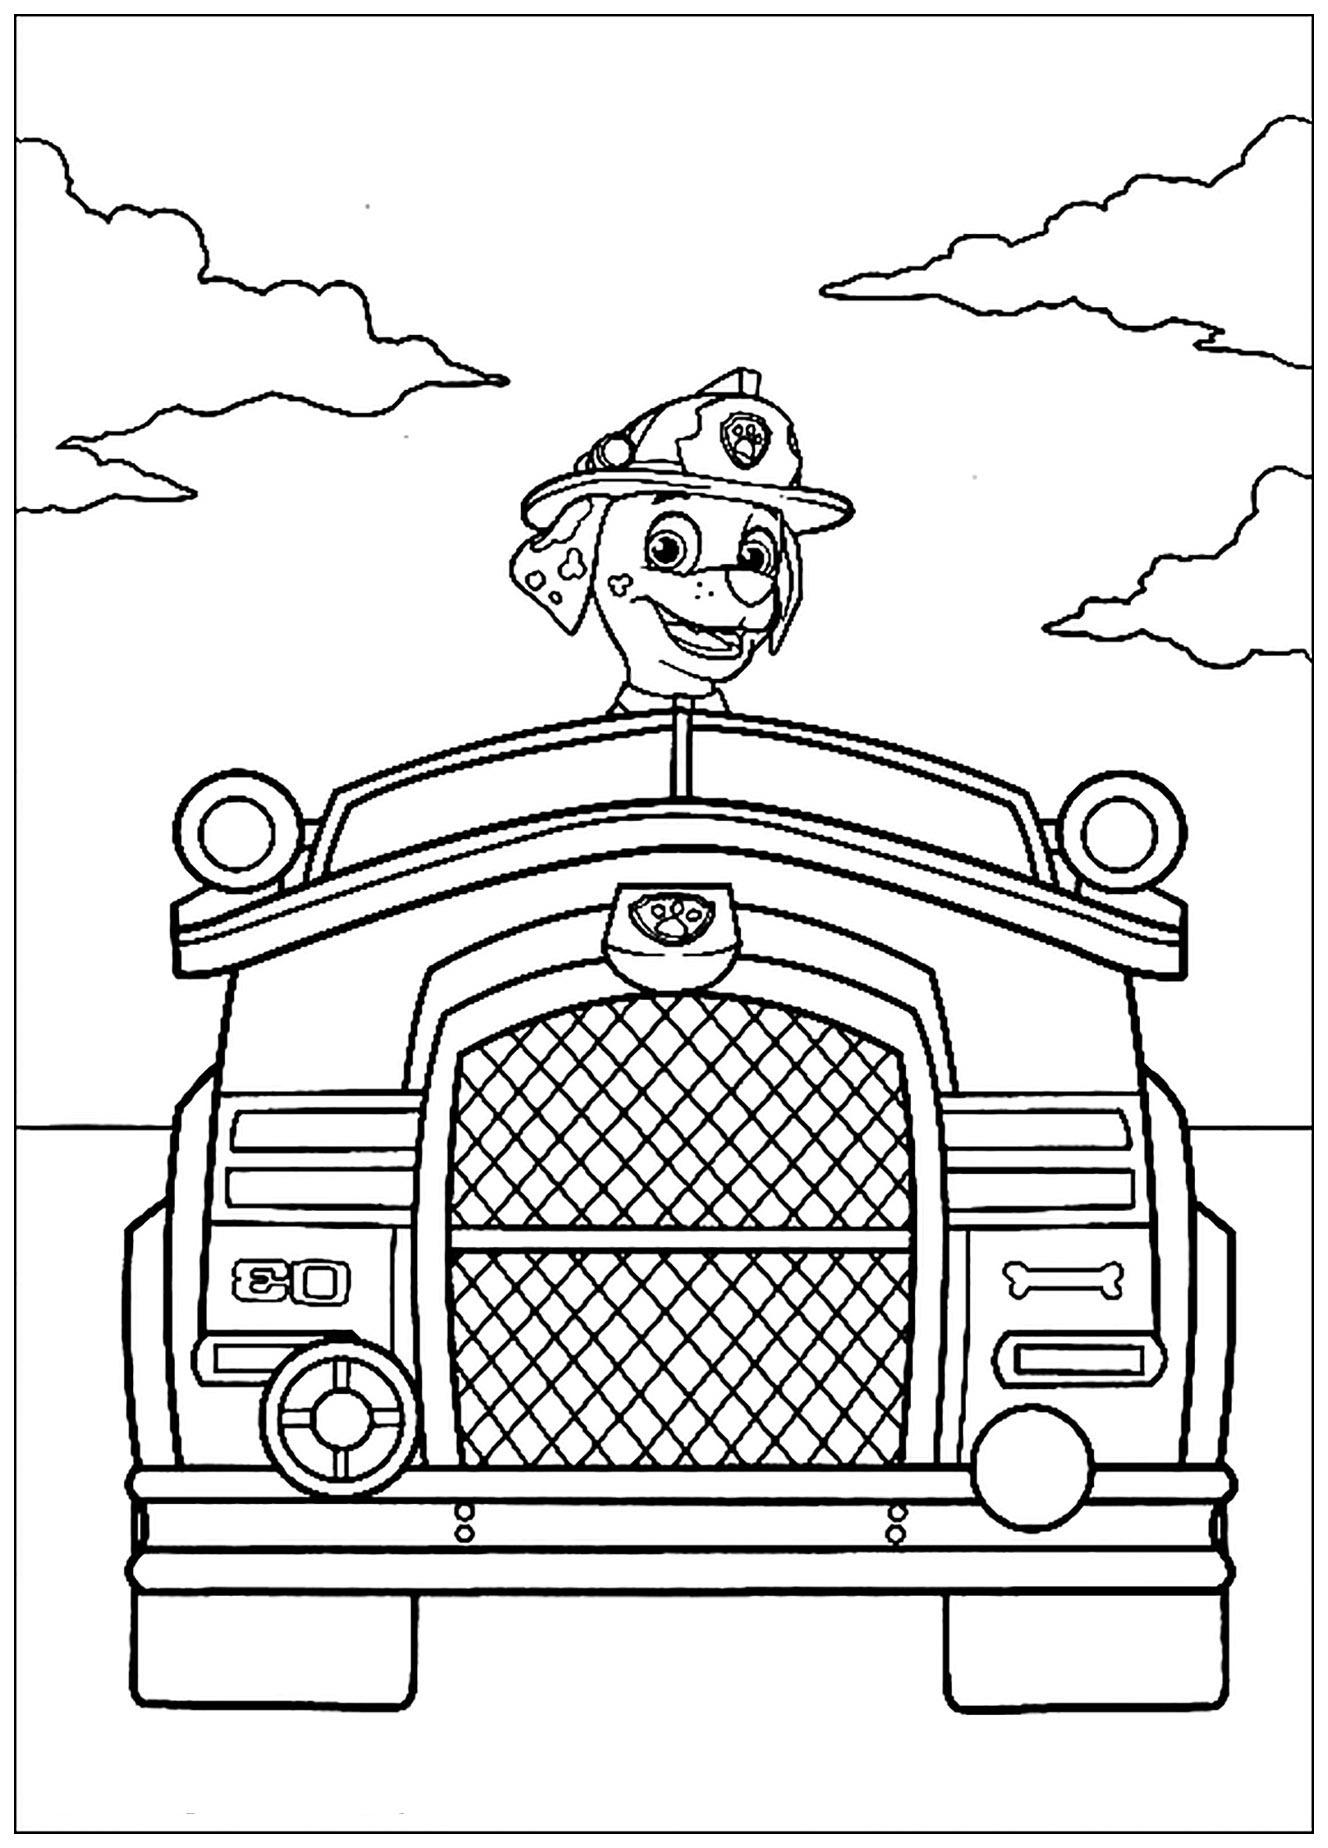 Pat Patrouille : Véhicule - Coloriage Pat Patrouille pour Coloriage Vehicule